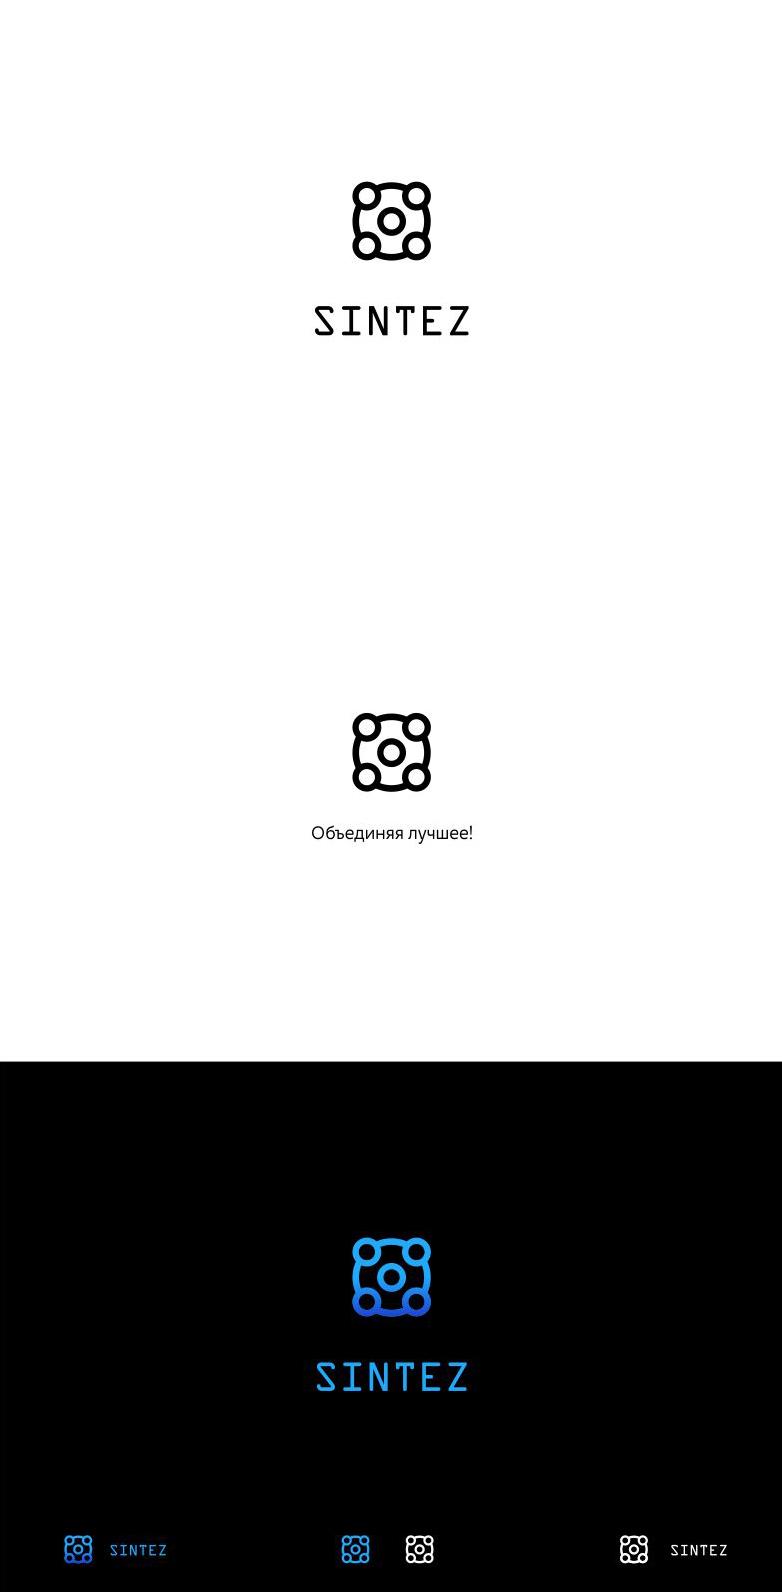 Разрабтка логотипа компании и фирменного шрифта фото f_9375f60ba765aede.jpg